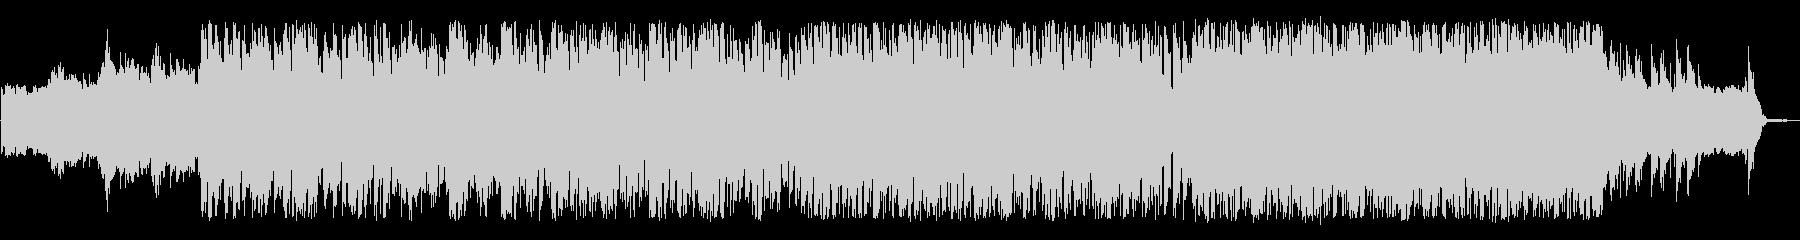 軽快で明るいポストロックの未再生の波形